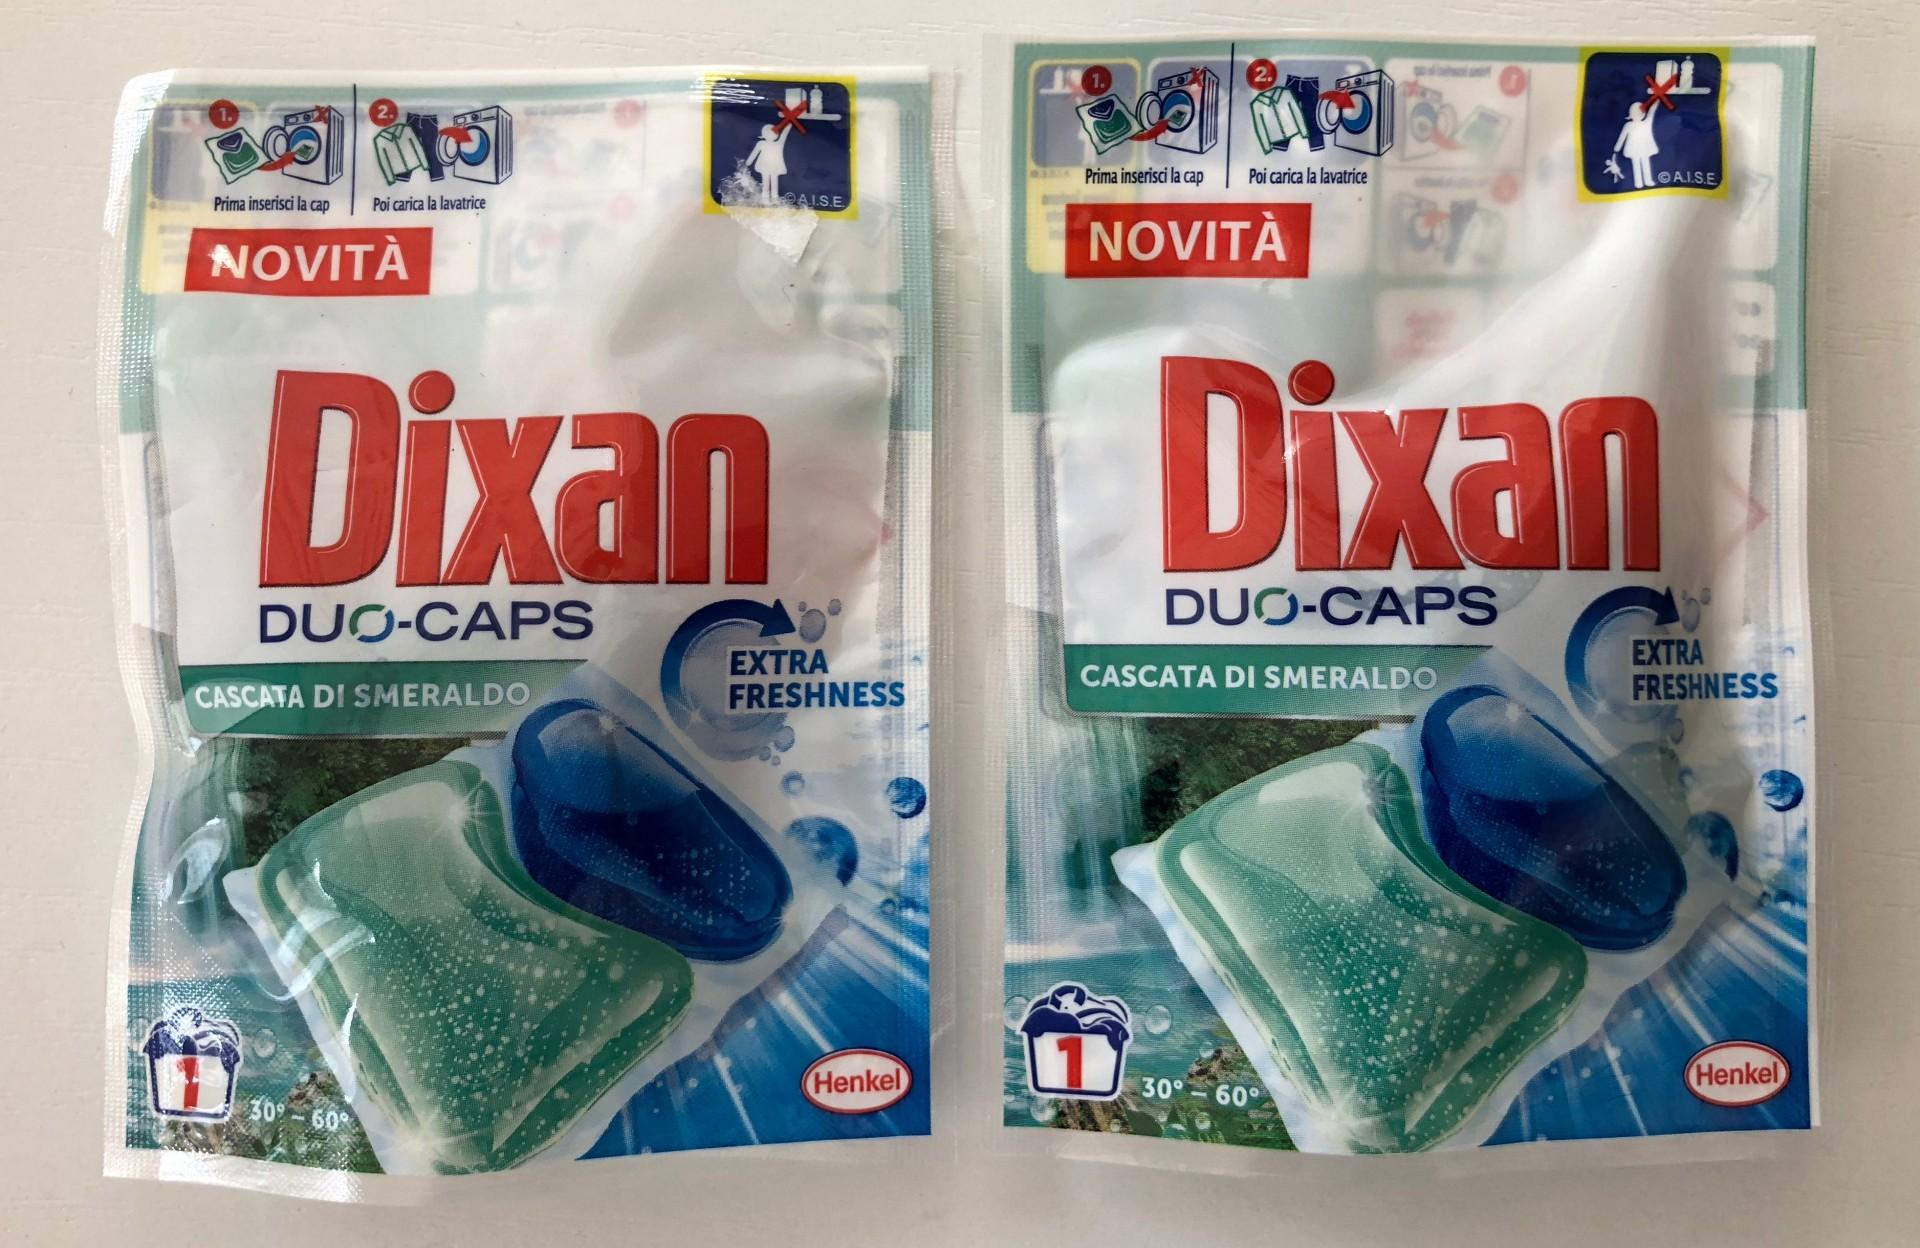 Sampling Dixan Duo Caps